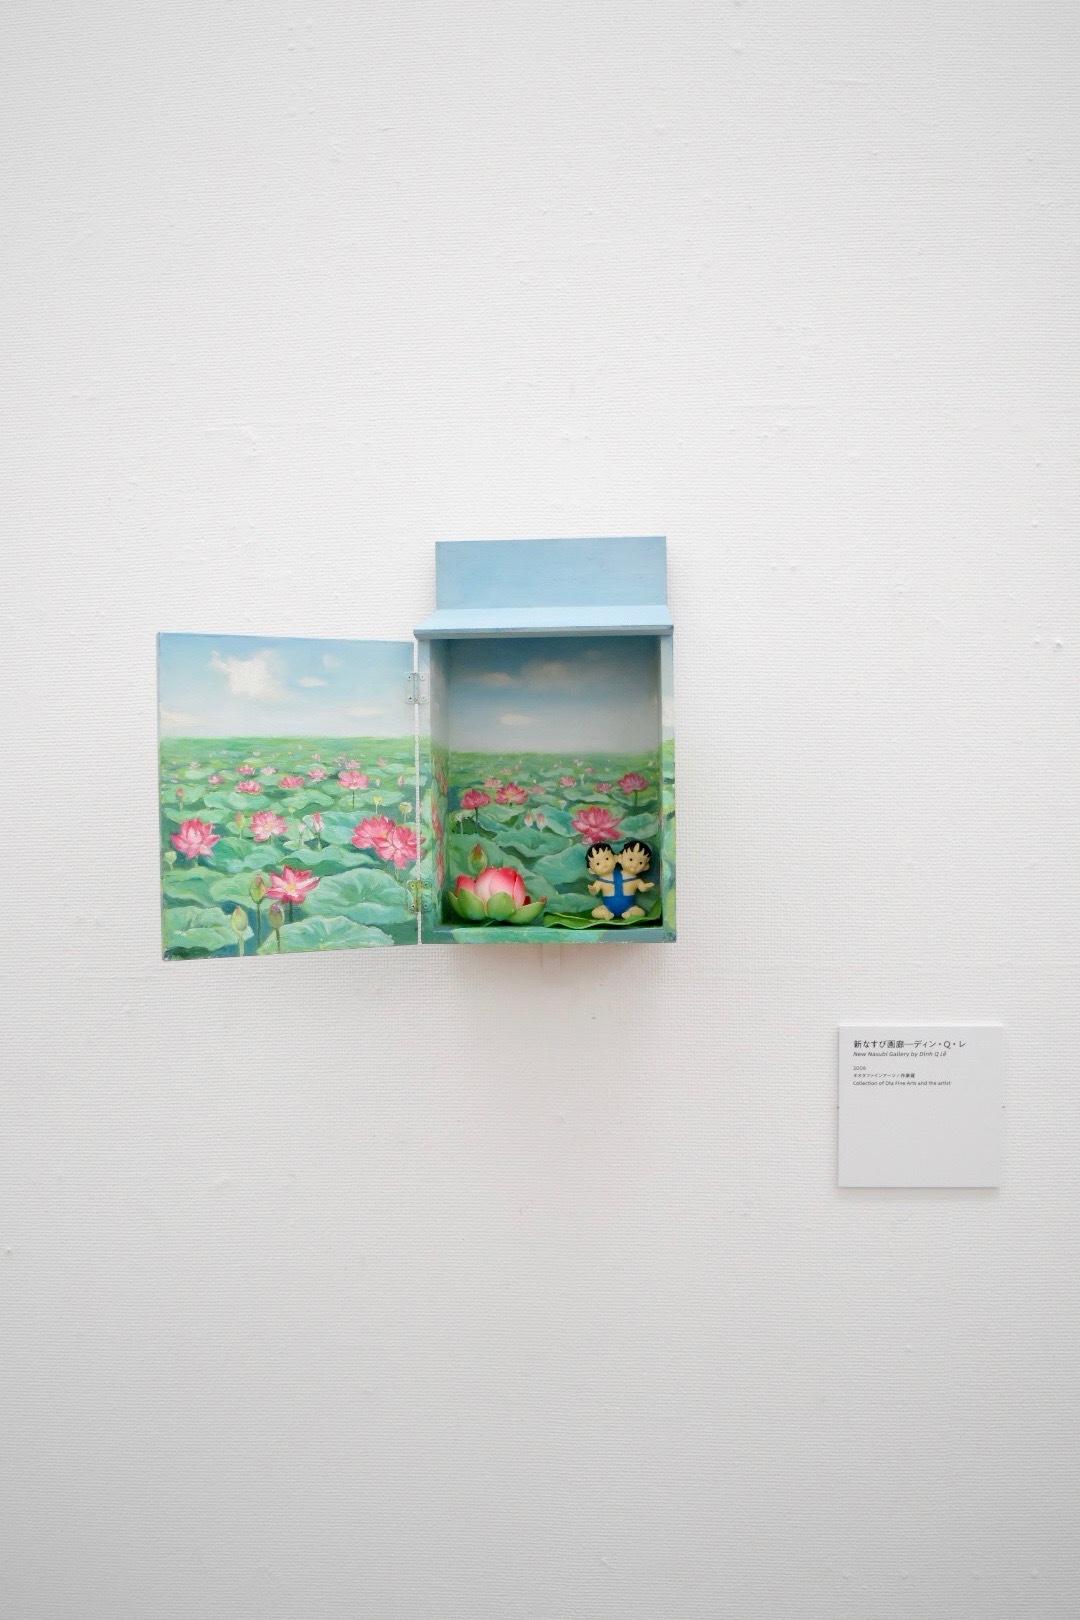 《新なすび画廊–ディン・Q・レ》2006年